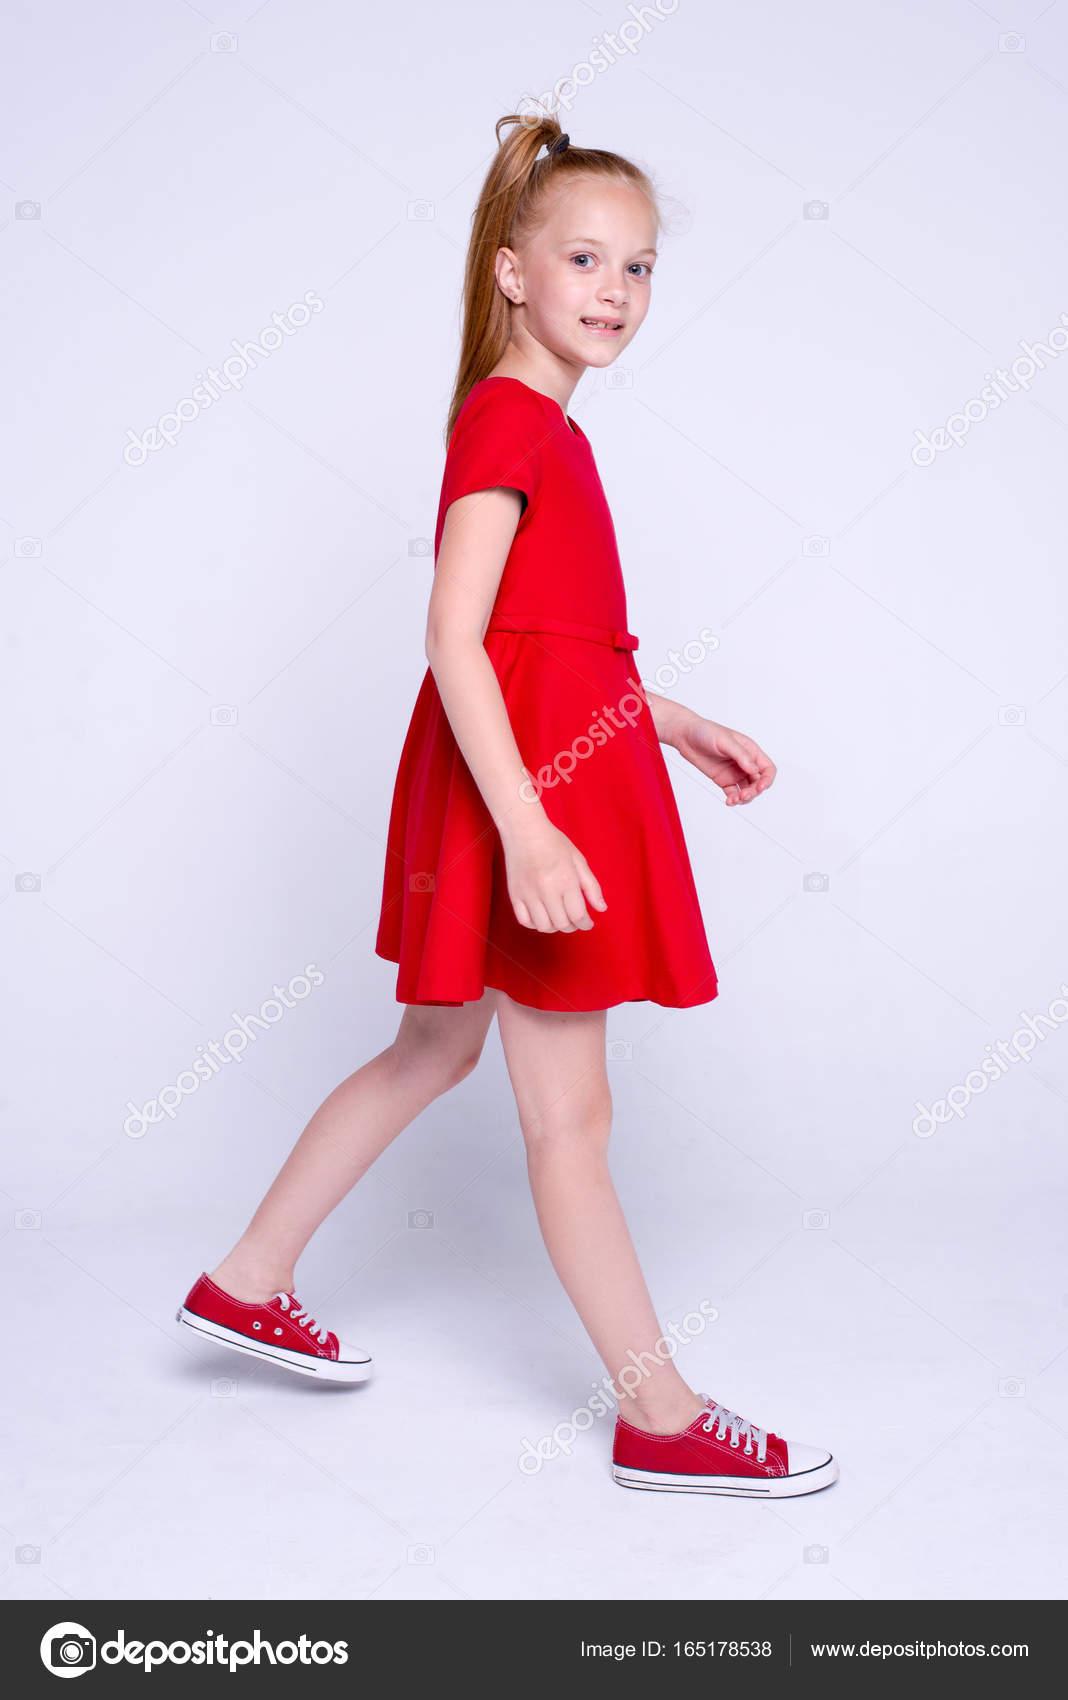 Scarpe In Da Bambina Vestito Bella Rosso E Che Ginnastica Rosse ybmvIY6f7g